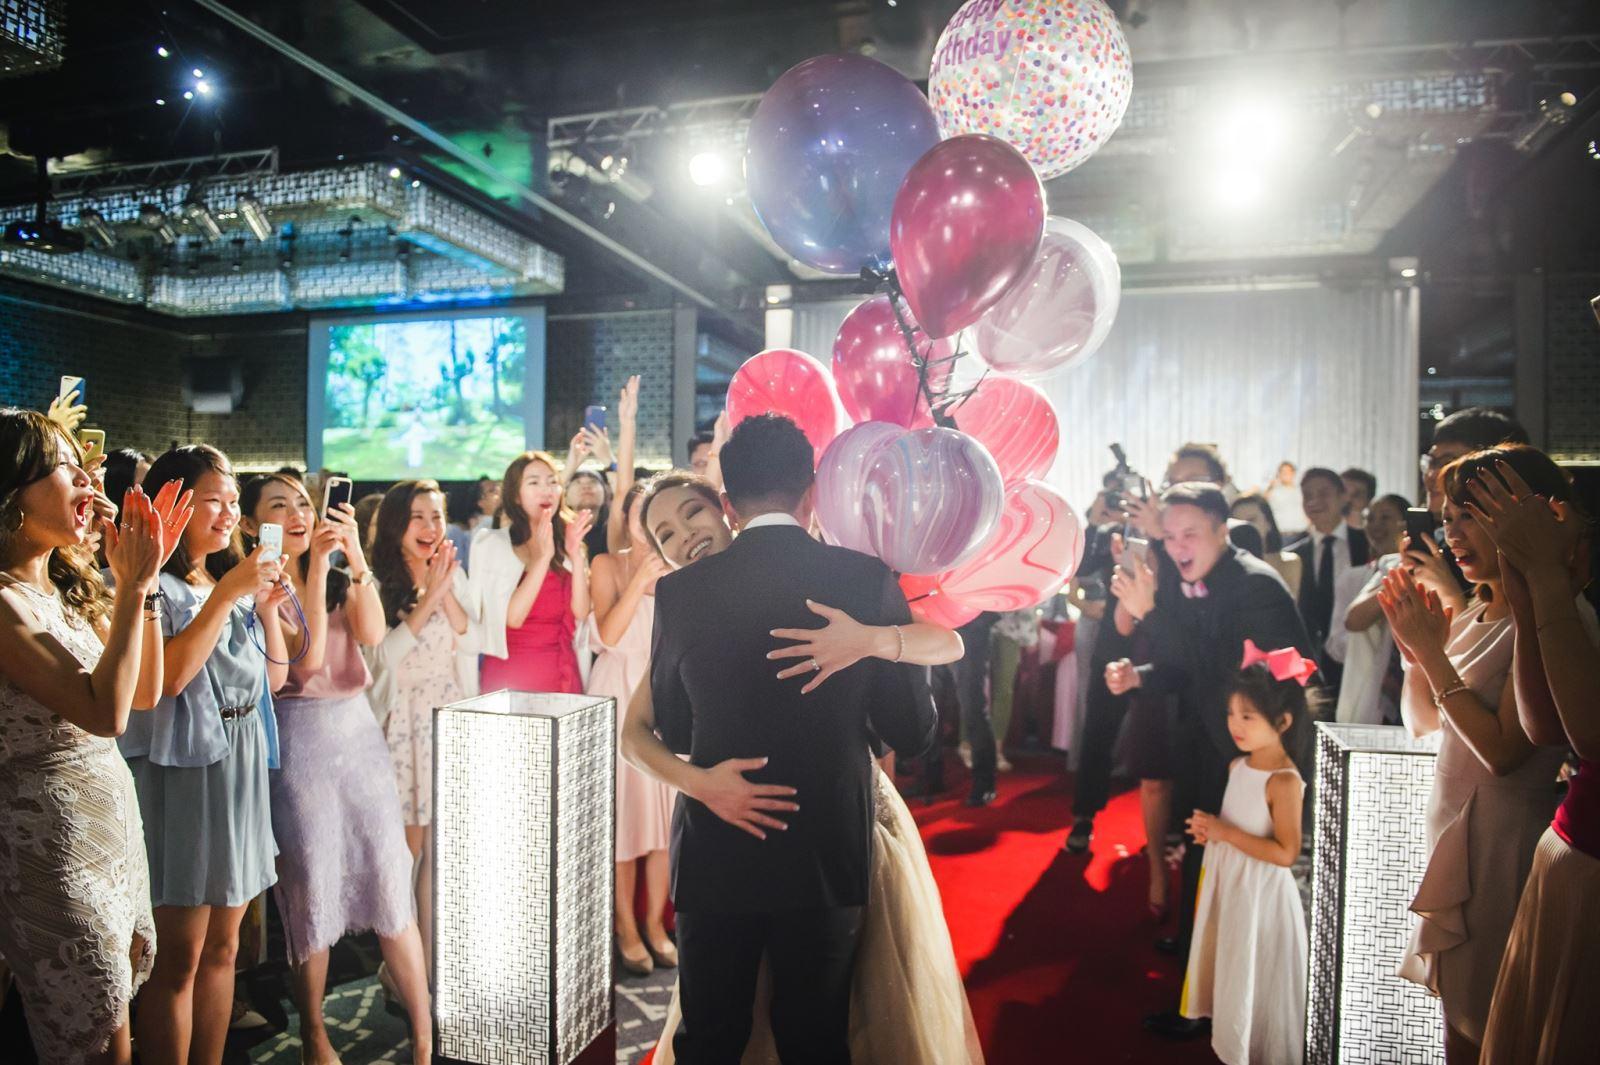 晶華酒店婚禮,新郎送上粉紅氣球作為新娘生日驚喜,全場齊聲唱生日快樂歌